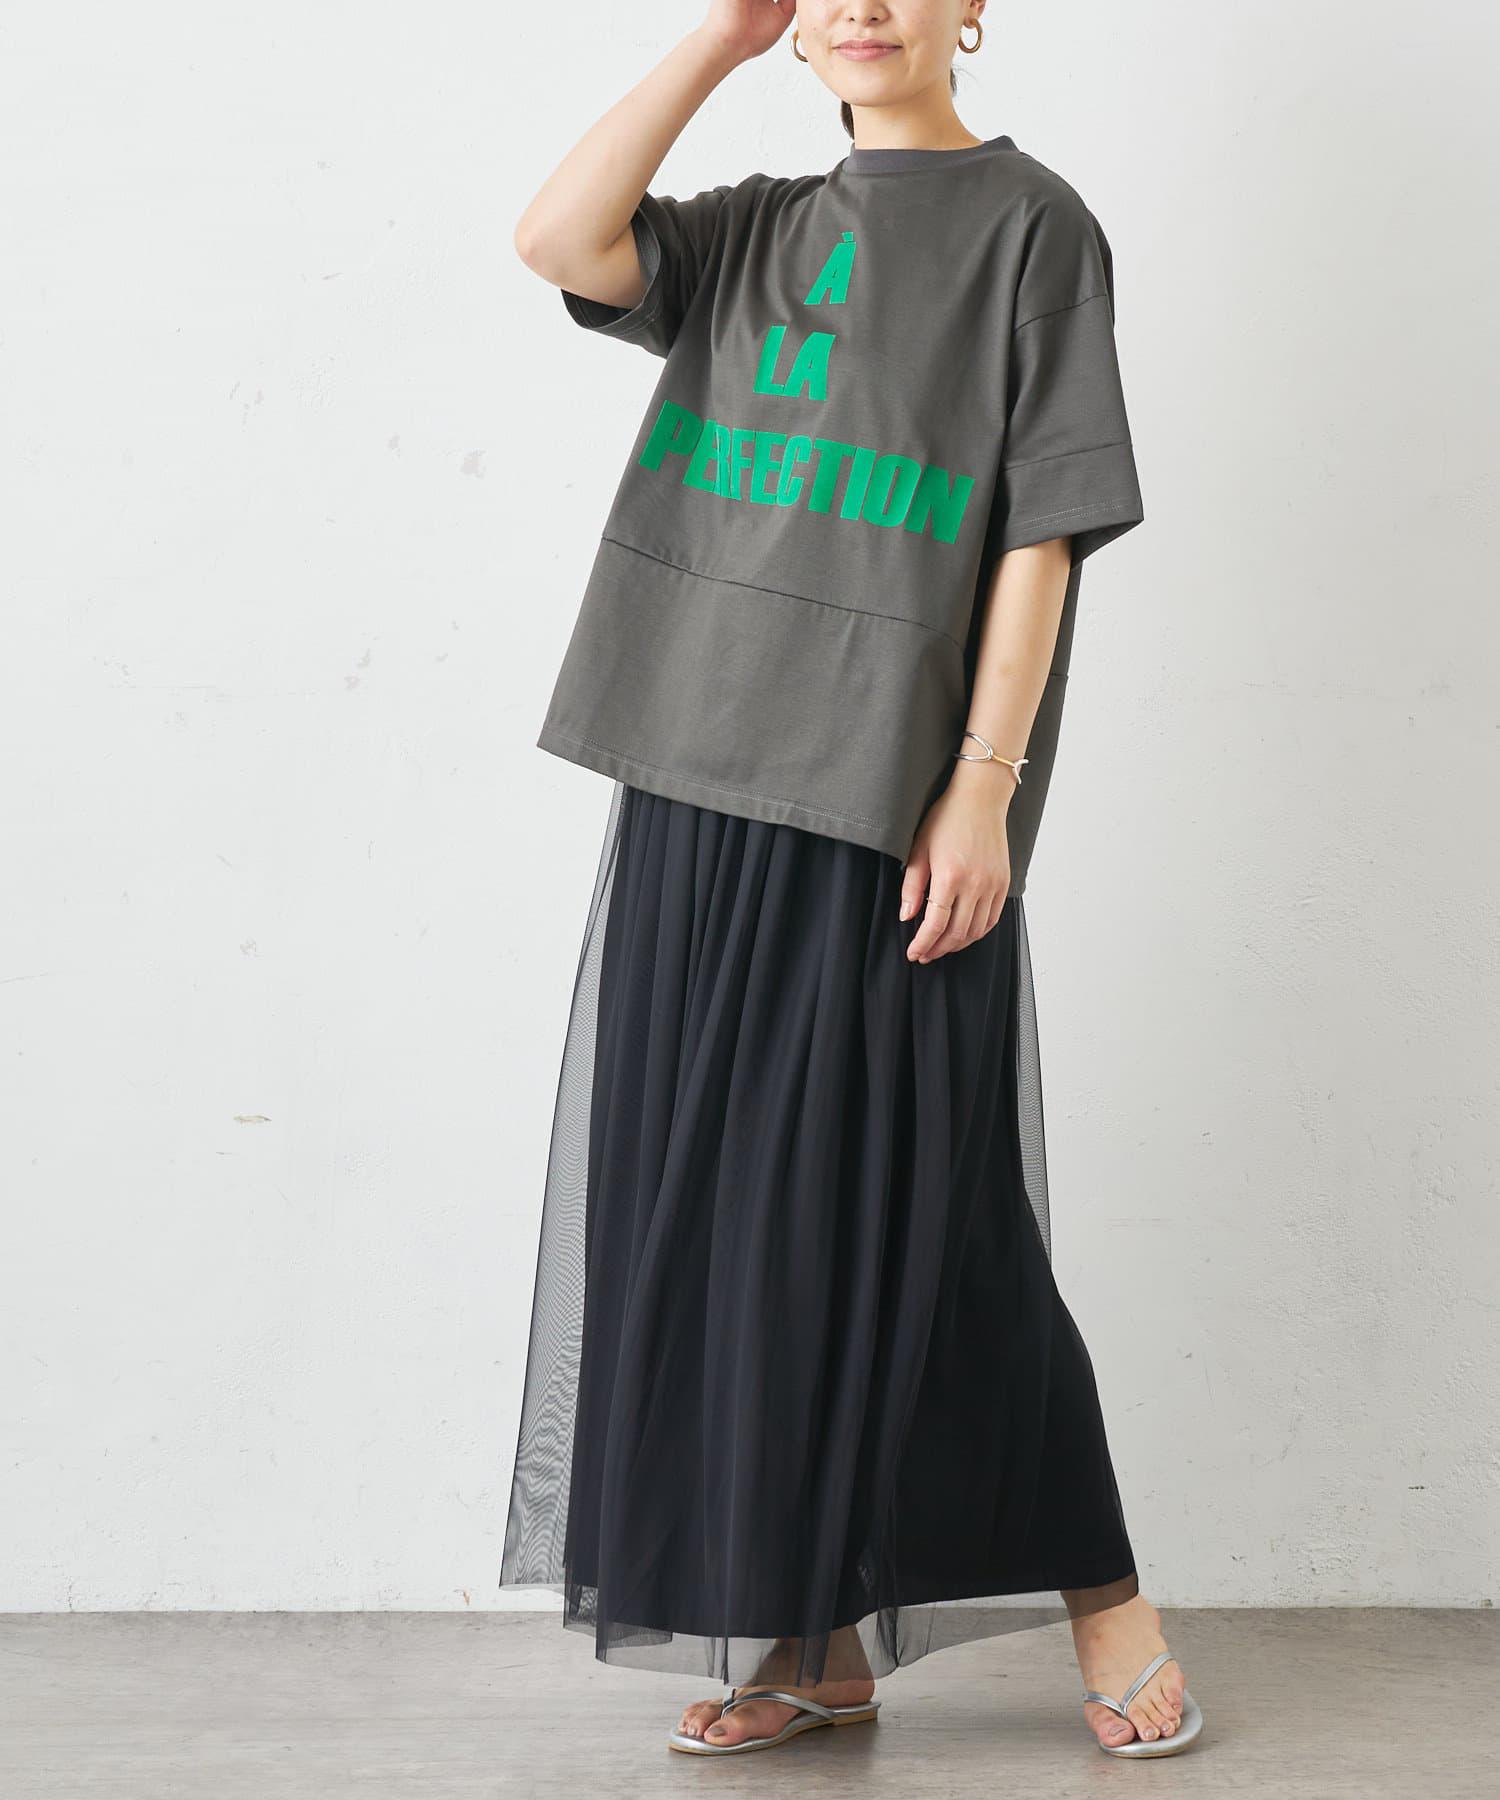 BONbazaar(ボンバザール) フロッキーロゴTシャツ◆